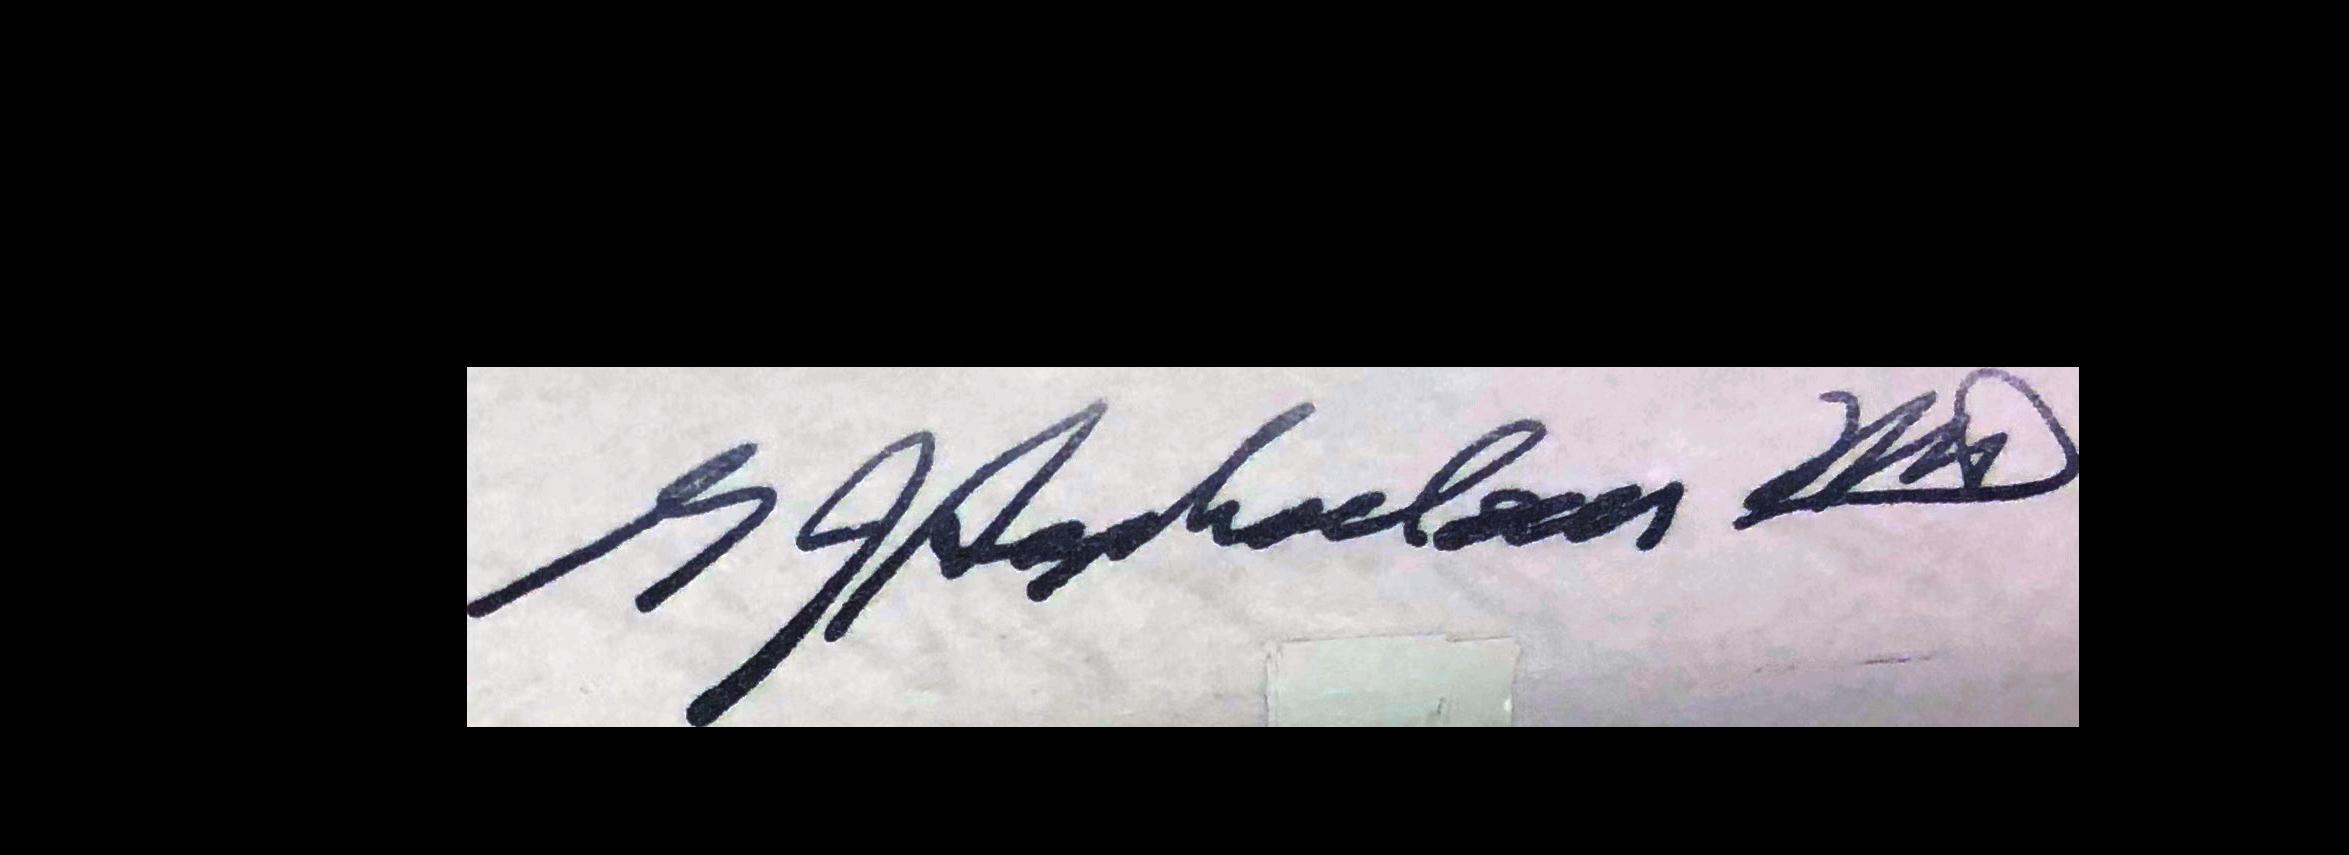 Dr Sophocleus Signature